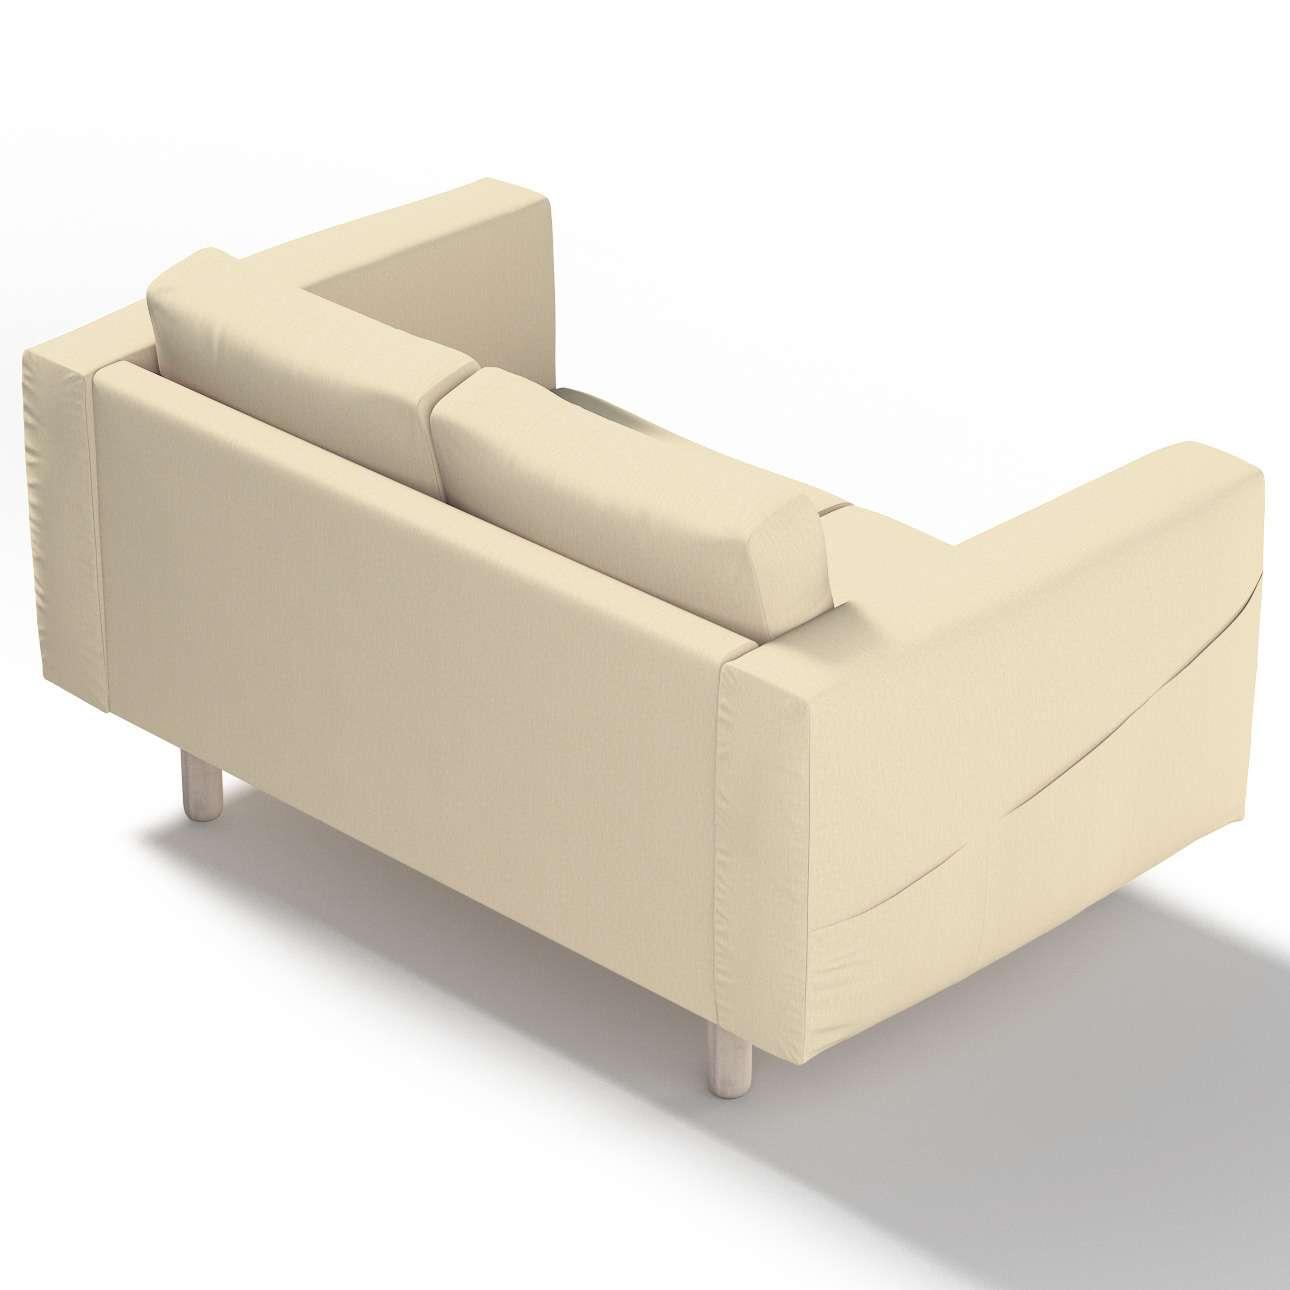 Pokrowiec na sofę Norsborg 2-osobową w kolekcji Chenille, tkanina: 702-22